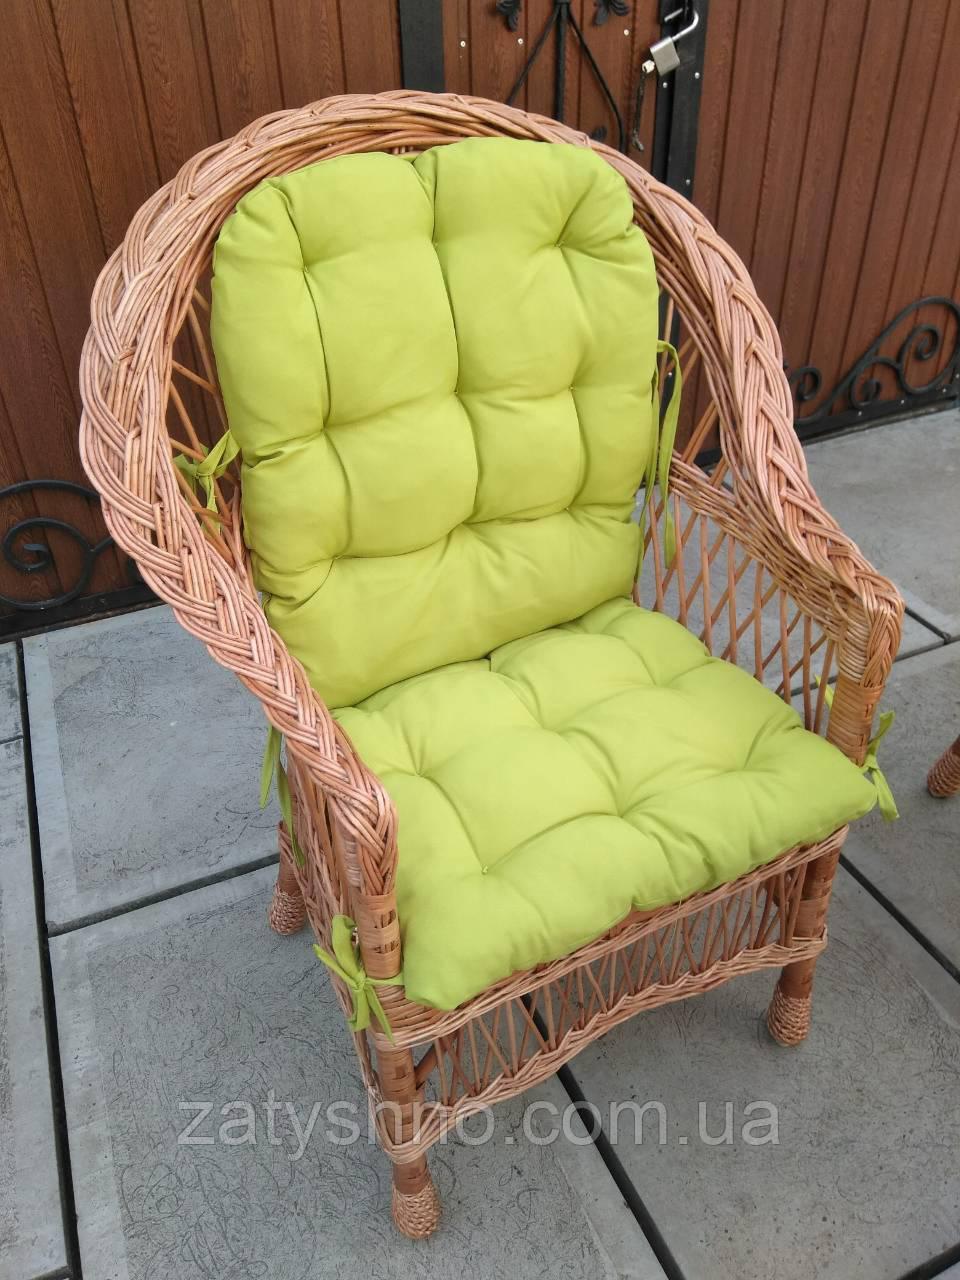 Плетеное кресло с фисташковой накидкой